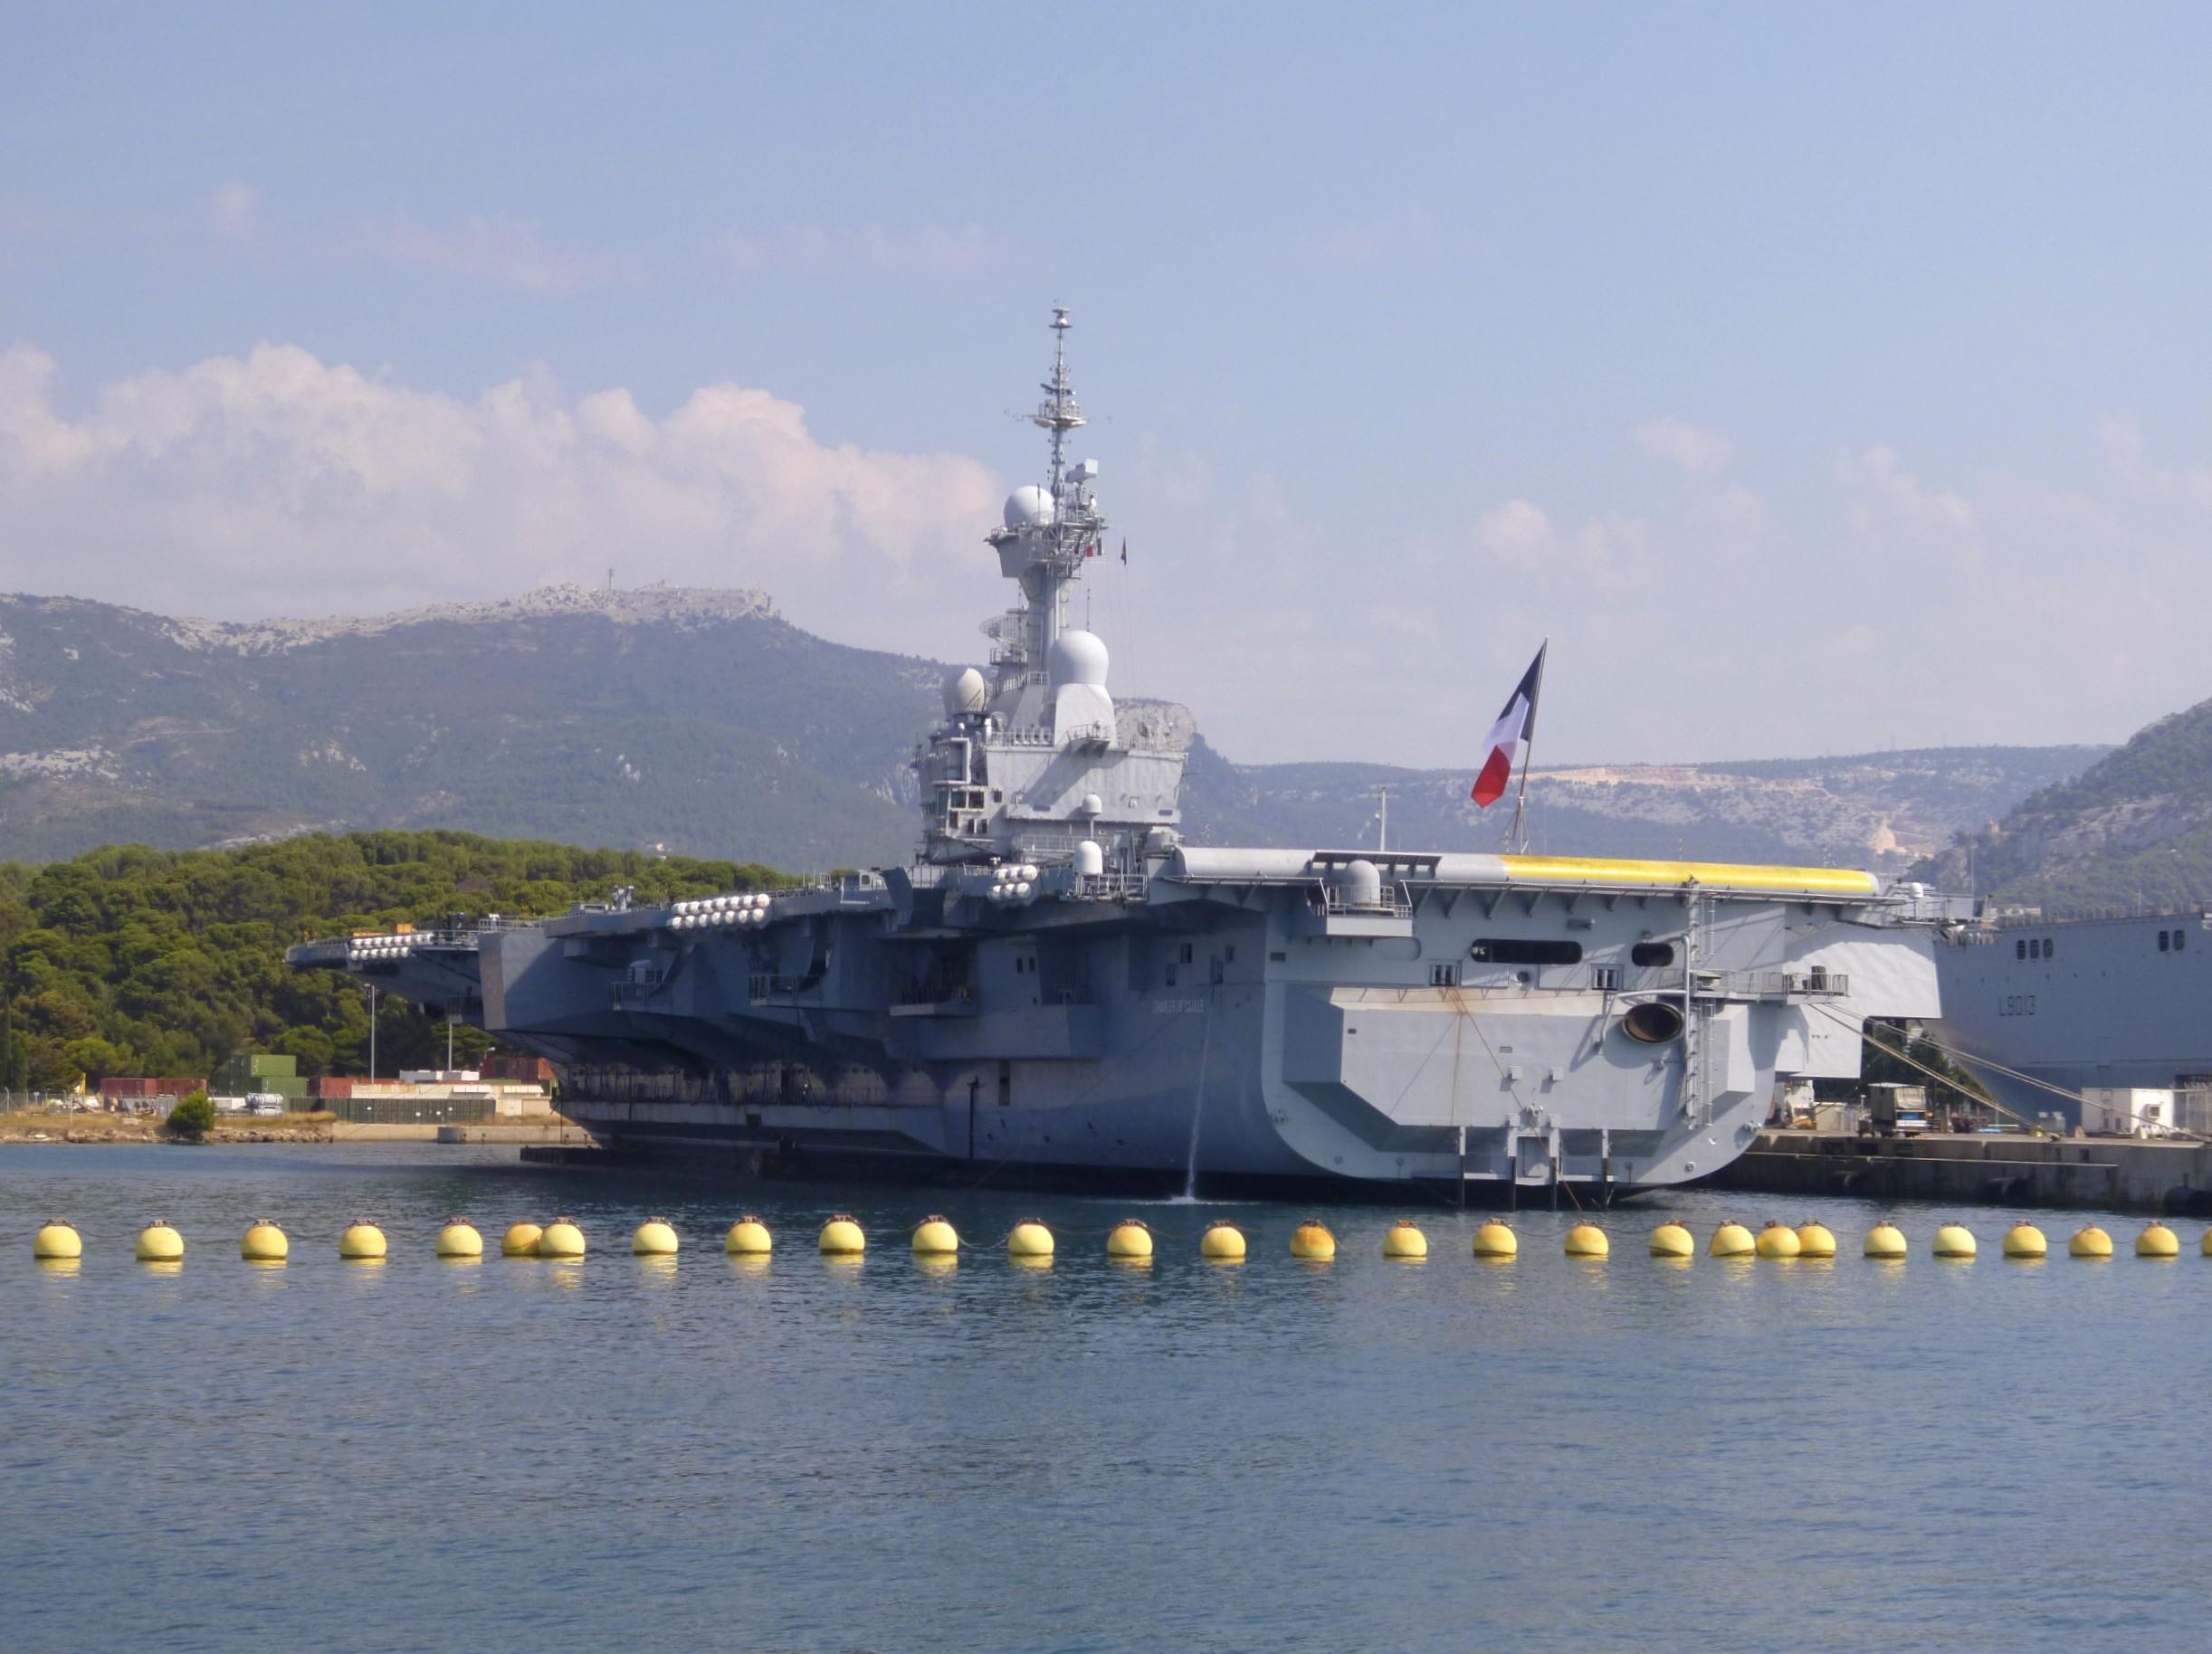 Les news en images du port de TOULON - Page 37 9562228417_2131c1098b_o